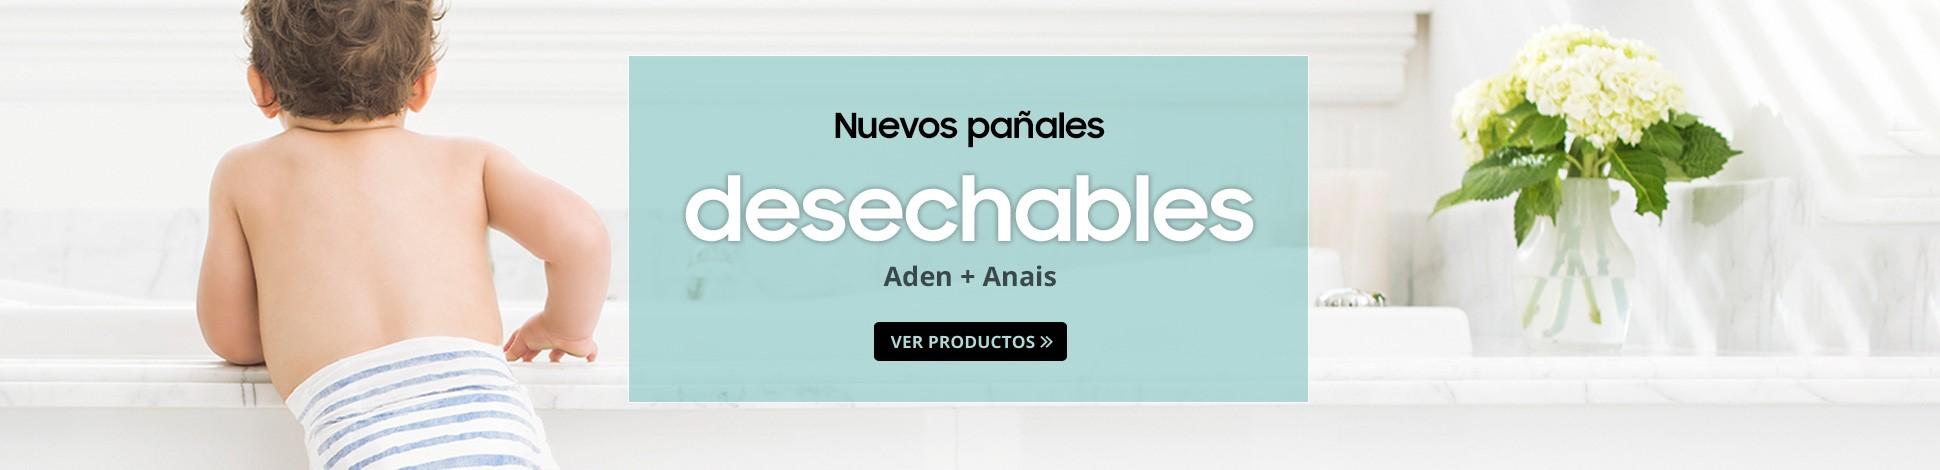 1940x470-hs-aden-anais.jpg | Juntoz.com